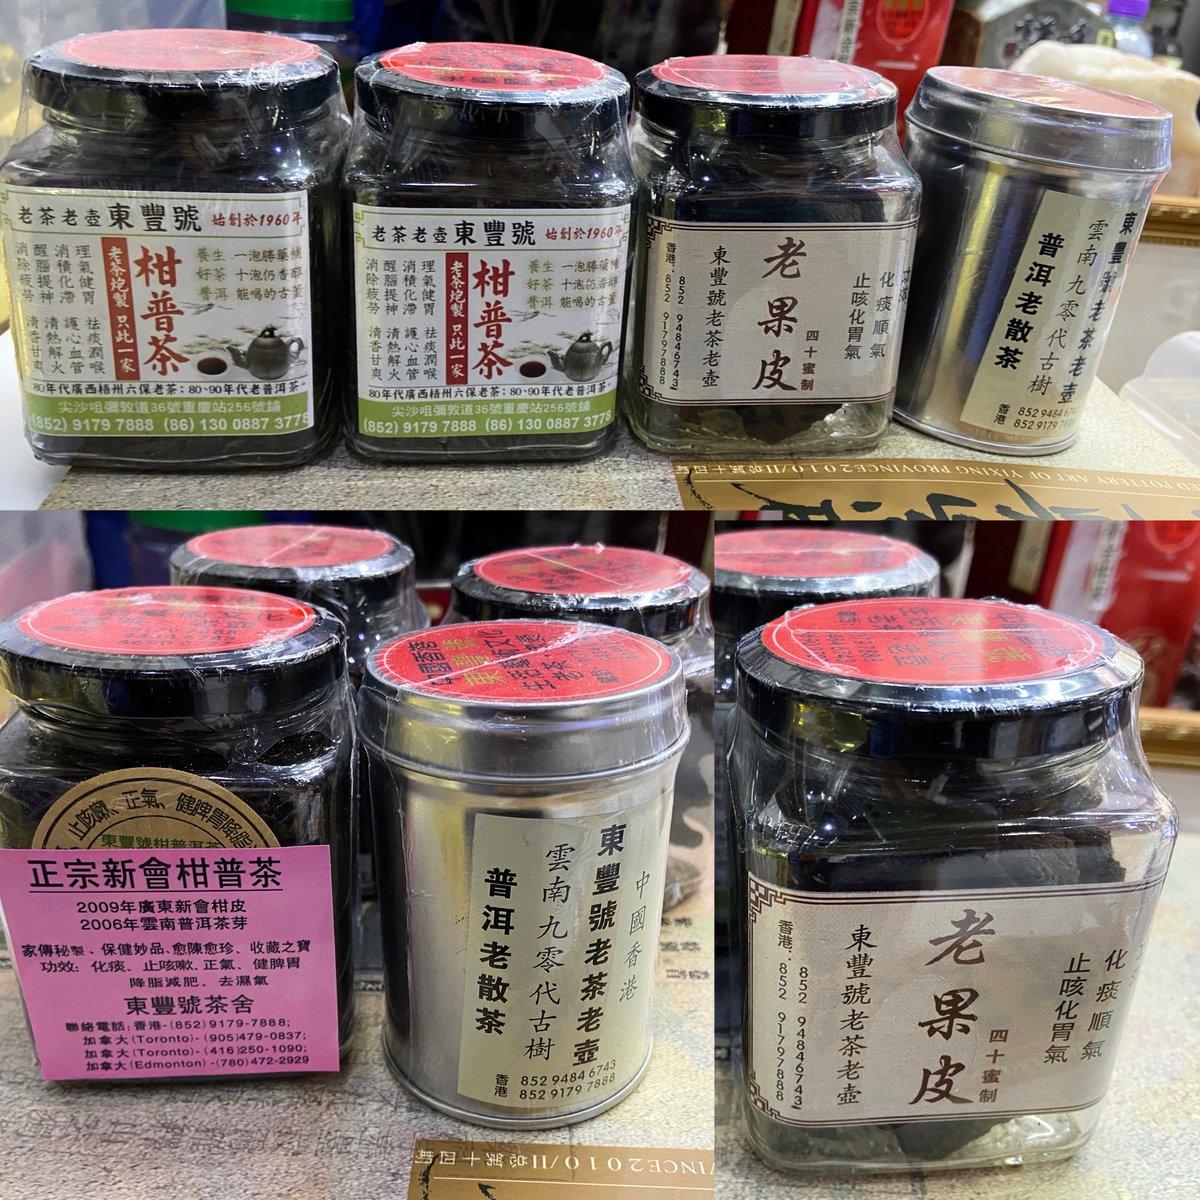 東豐號有售各款陳年普洱,中秋有8折優惠。